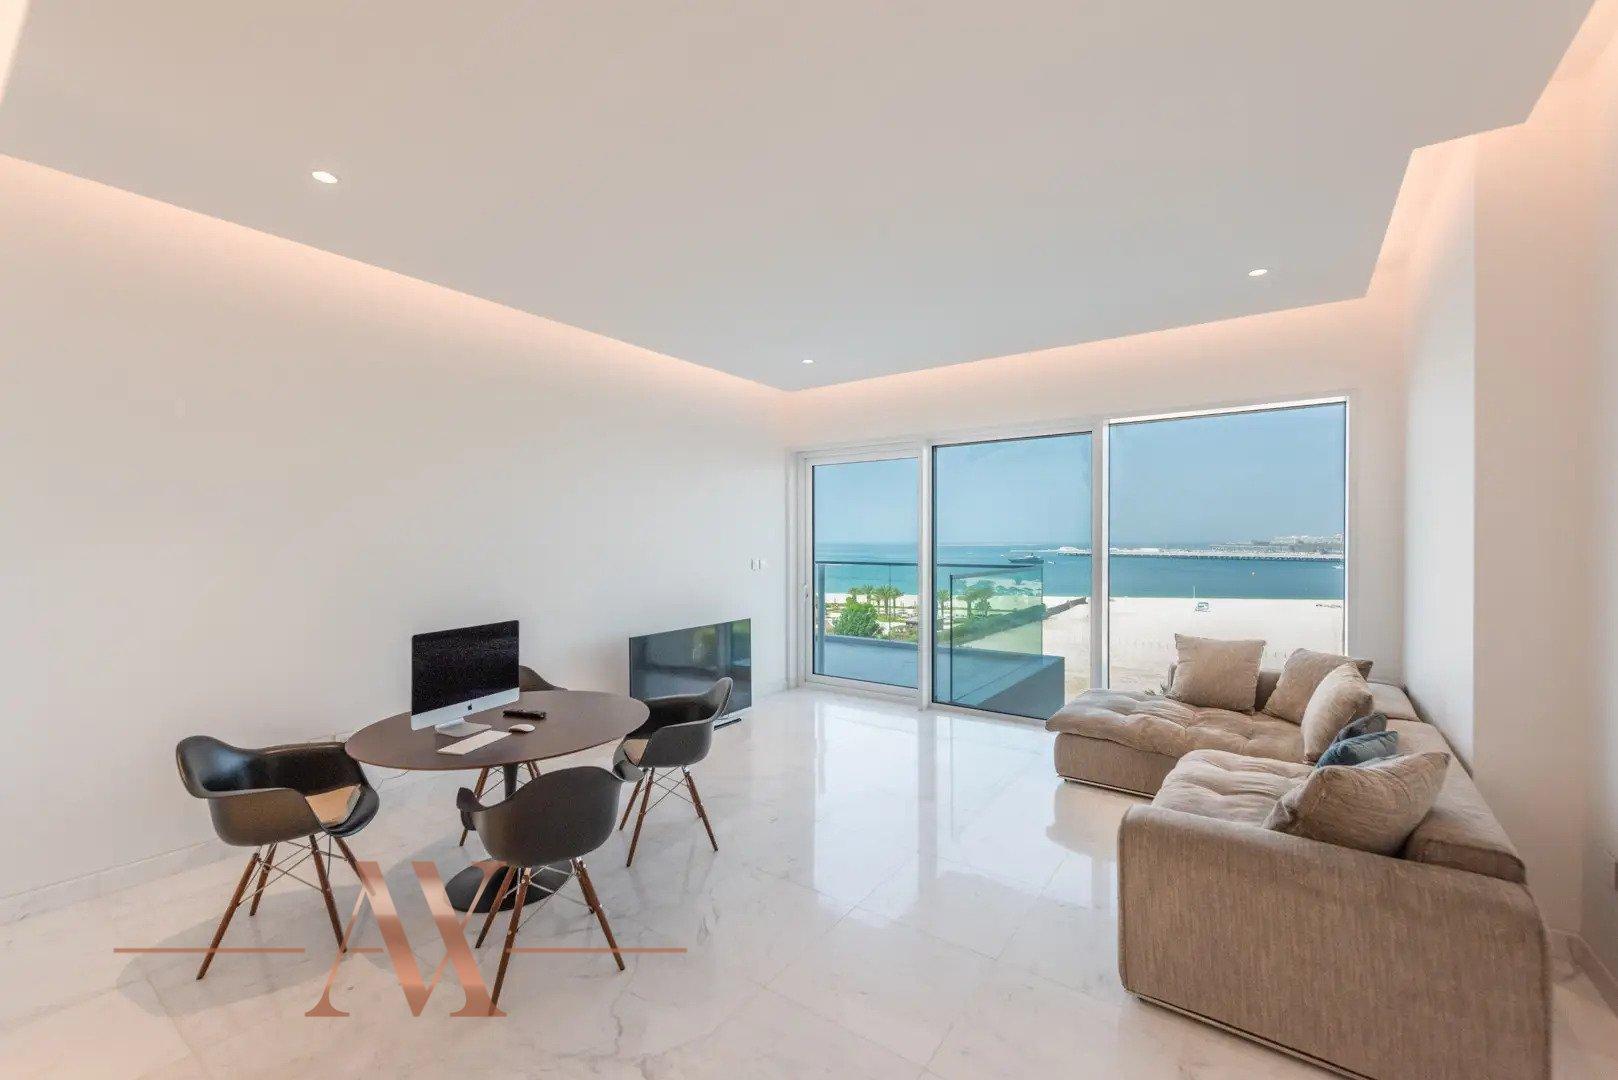 Apartment for sale in Dubai, UAE, 2 bedrooms, 154 m2, No. 24219 – photo 1